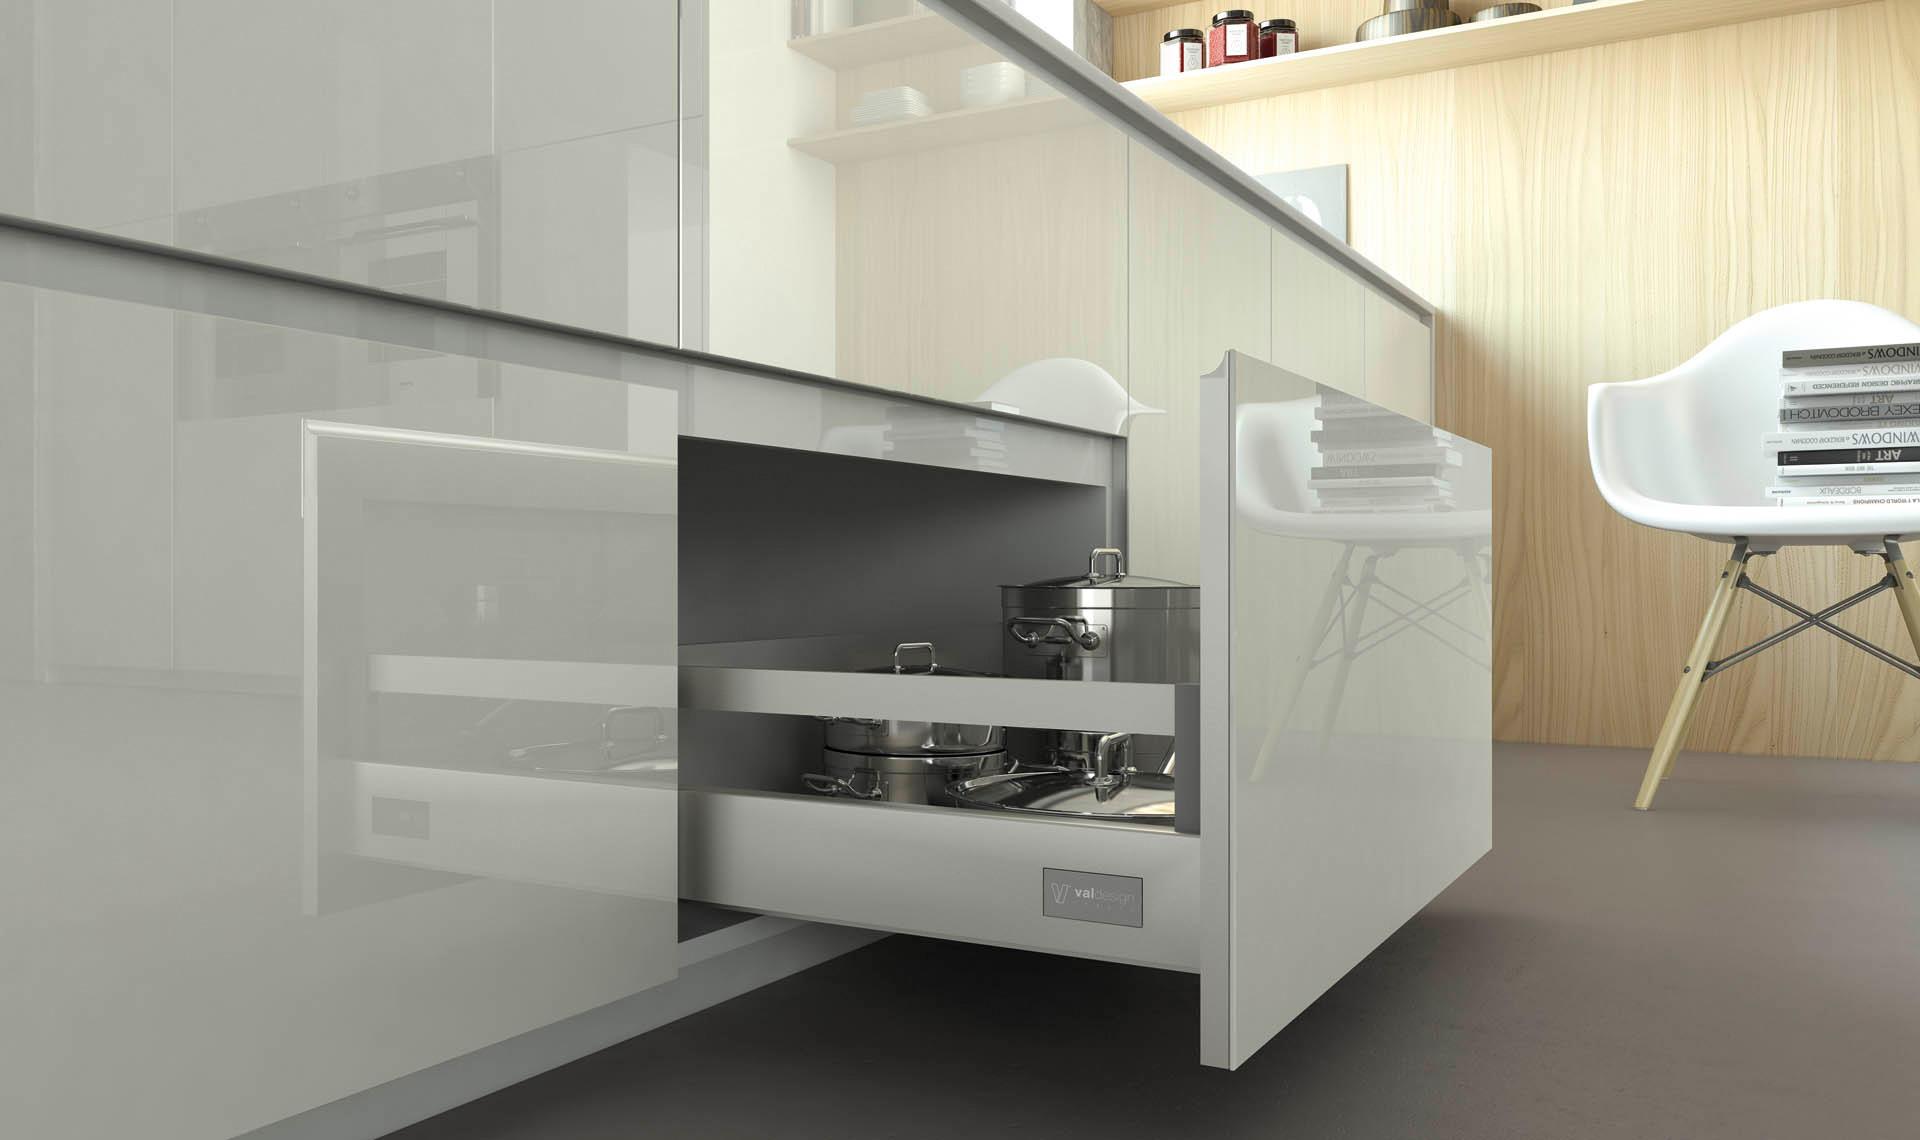 Valdesign realizza cucine moderne cucine moderne di alta - Ante cucina in vetro ...